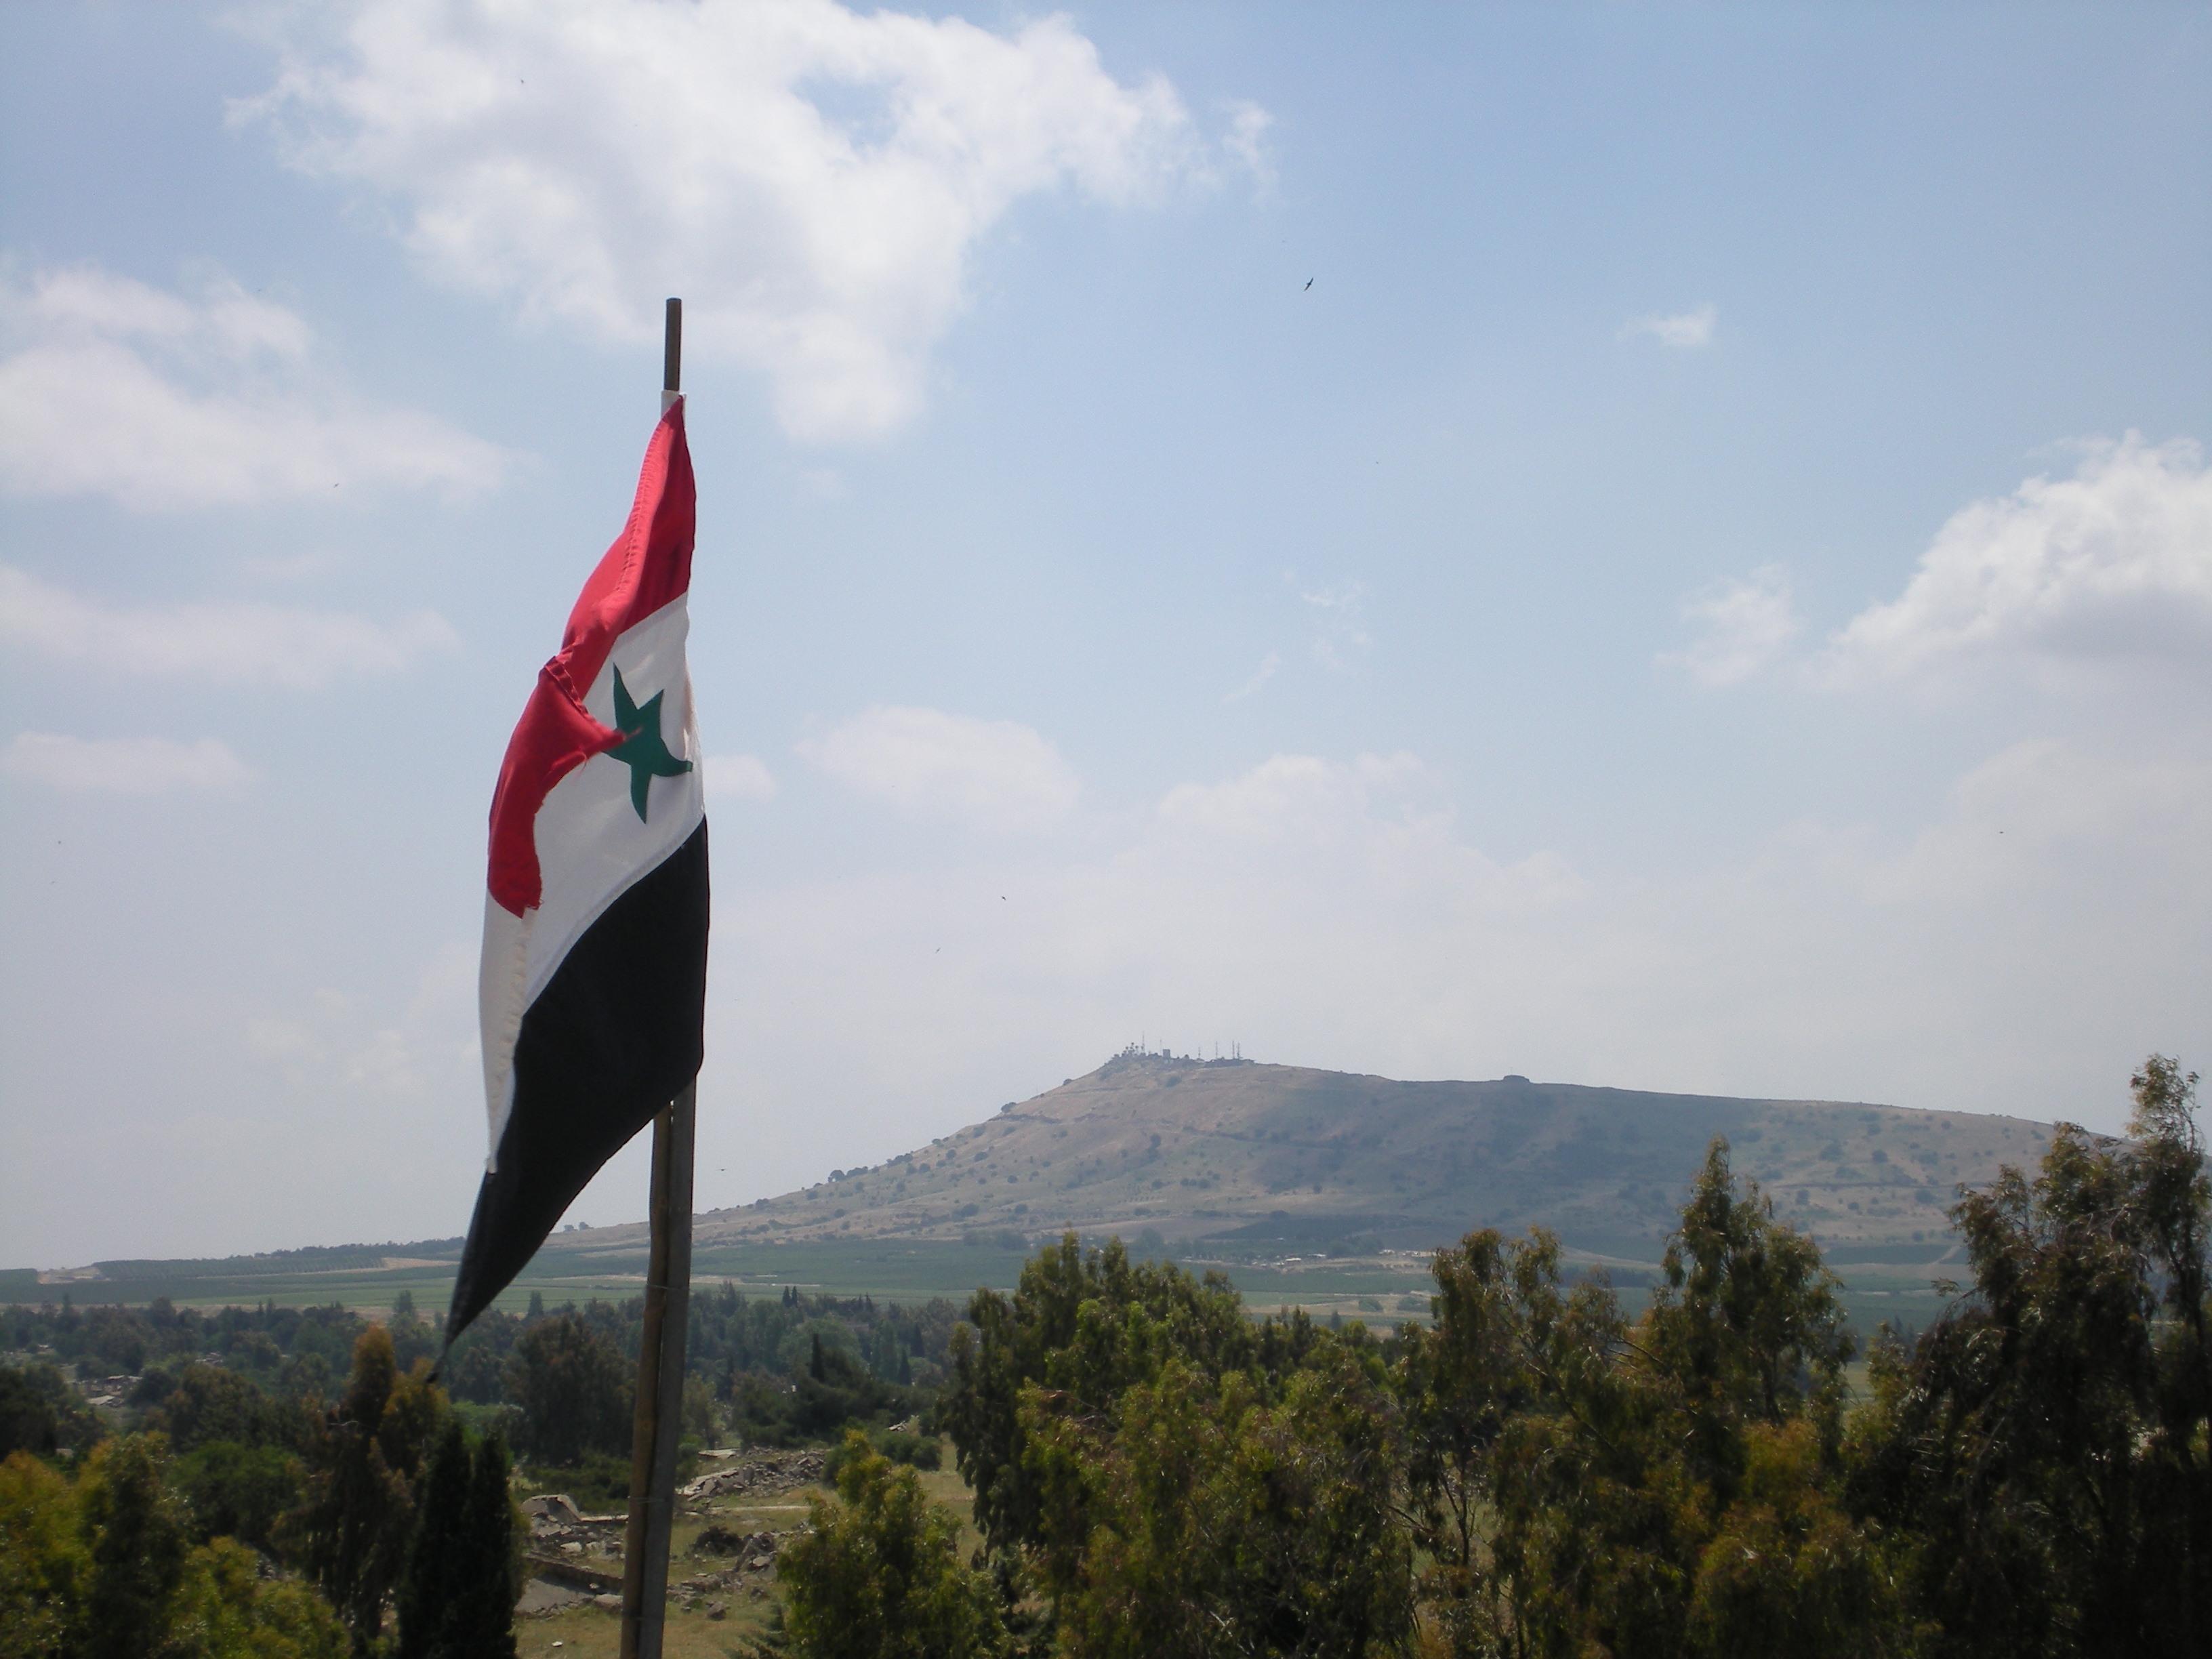 ائتلاف 14 فبراير مؤكّدًا أنّ الجولان عربيّ: لن يكون بحال من الأحوال تابعًا للكيان الصهيوني الغاصب